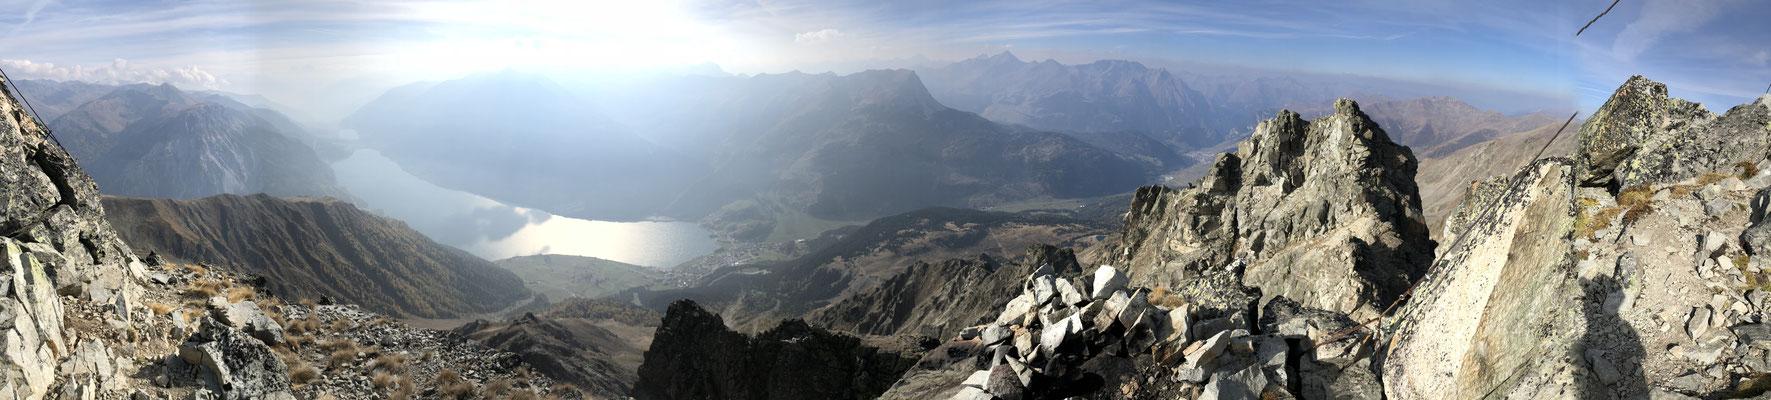 Piz Lad und im Hintergrund die Silvretta